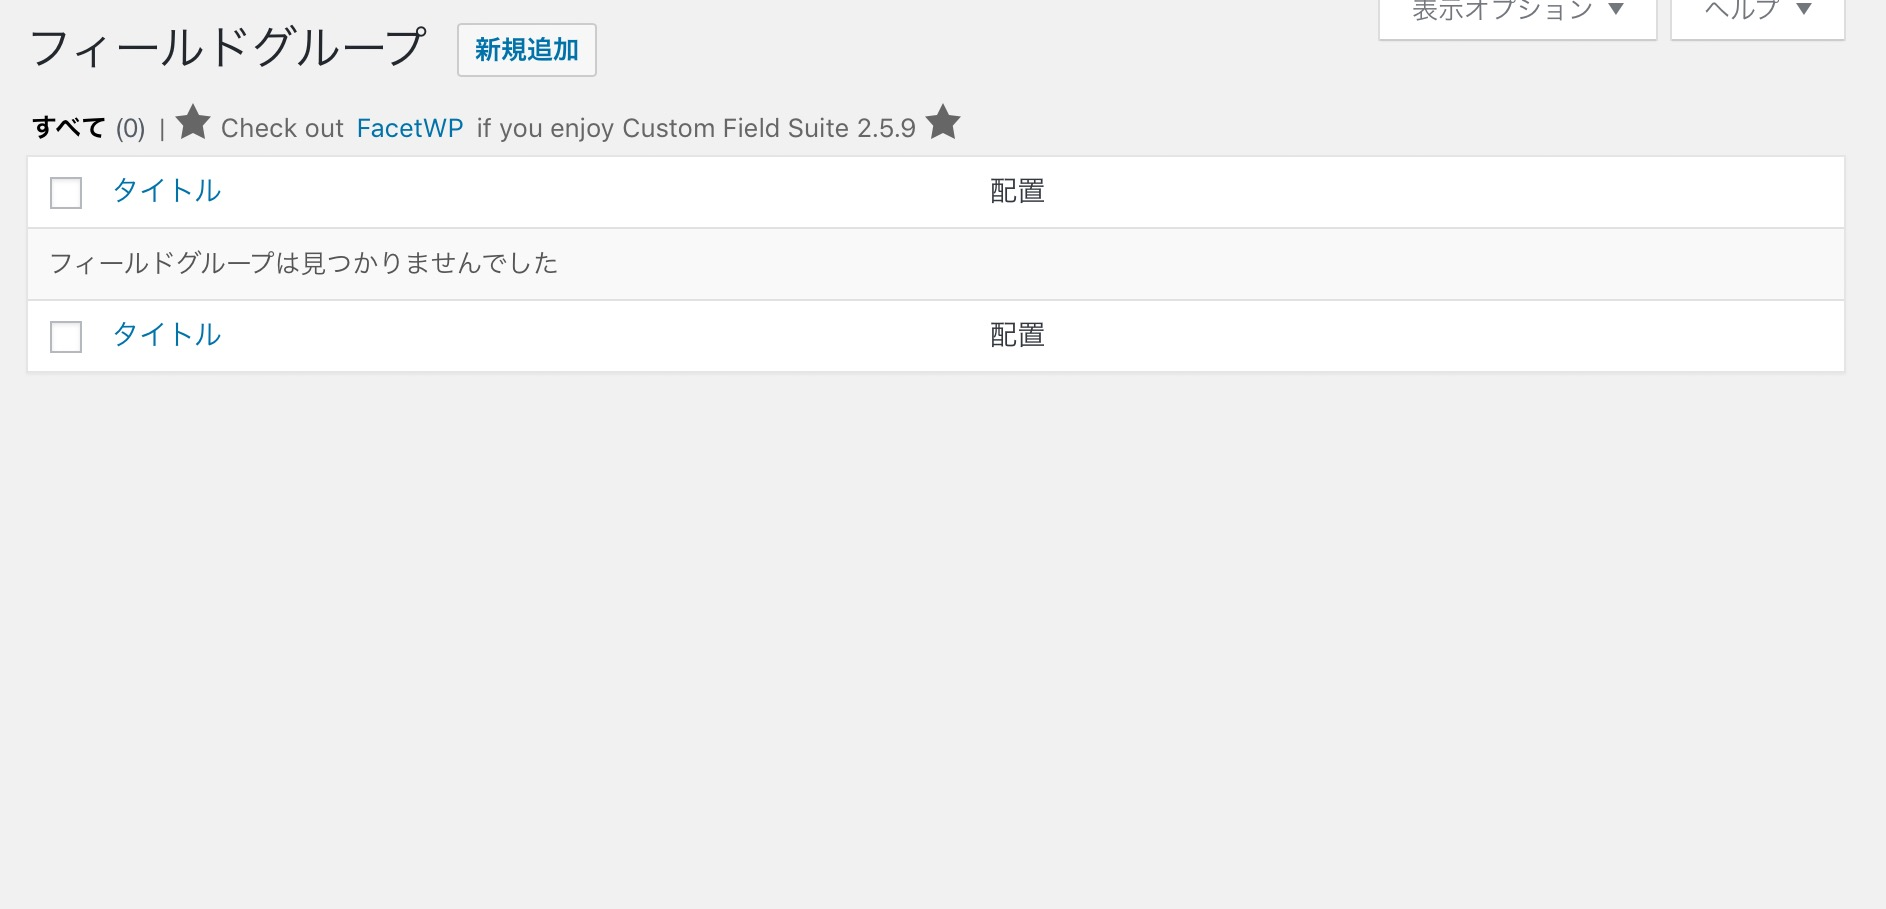 Custom Field Suiteの管理画面のメニュー